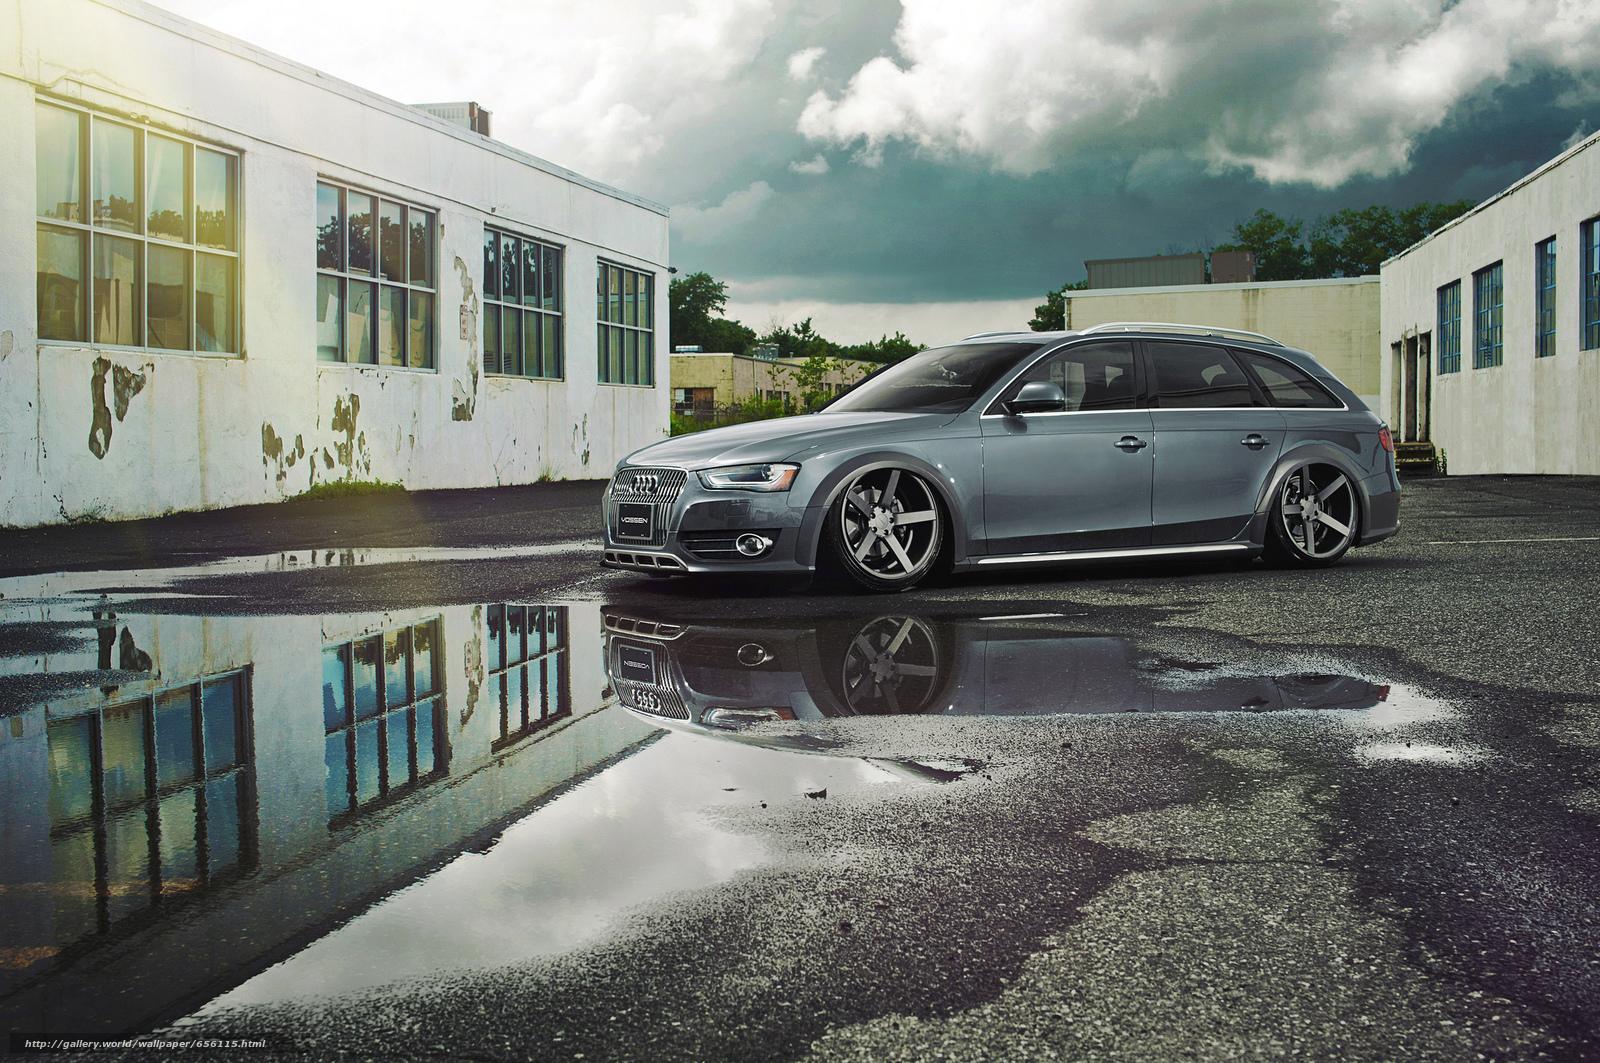 pobra tapety Audi,  maszyna,  samochód Darmowe tapety na pulpit rozdzielczoci 2048x1361 — zdjcie №656115